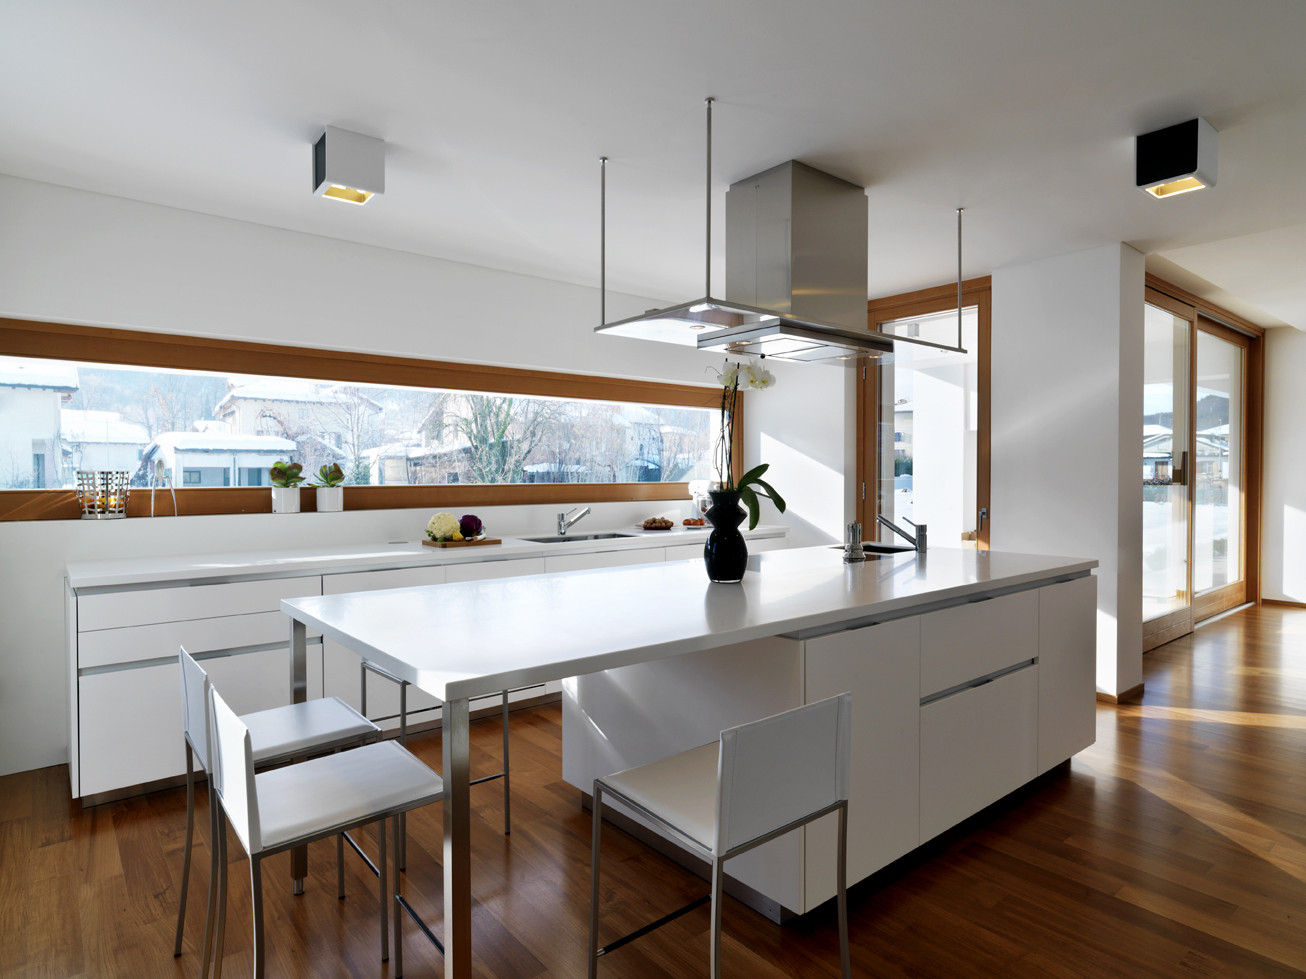 Cucina Soggiorno Stretta E Lunga horizontal space - picture gallery